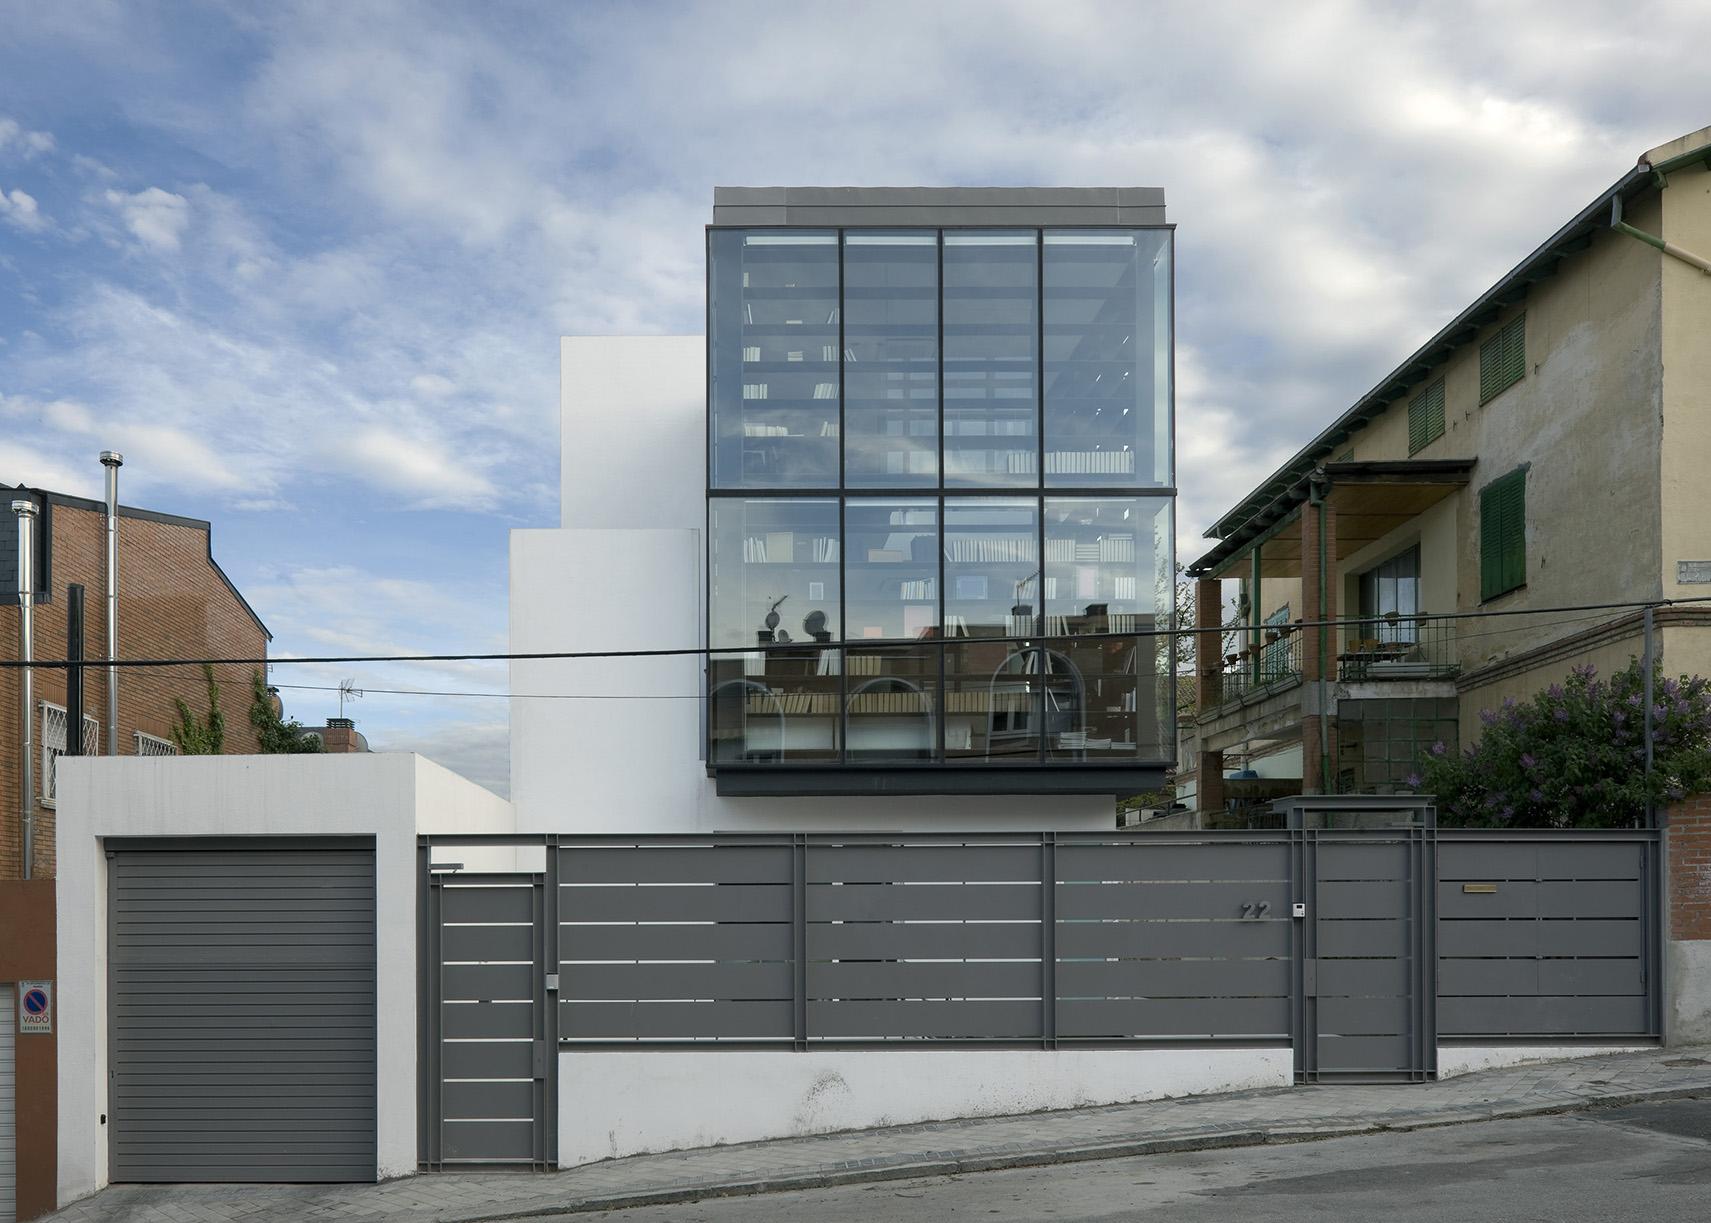 Casa en calle olimpo madrid allende arquitectos - Arquitectos madrid ...